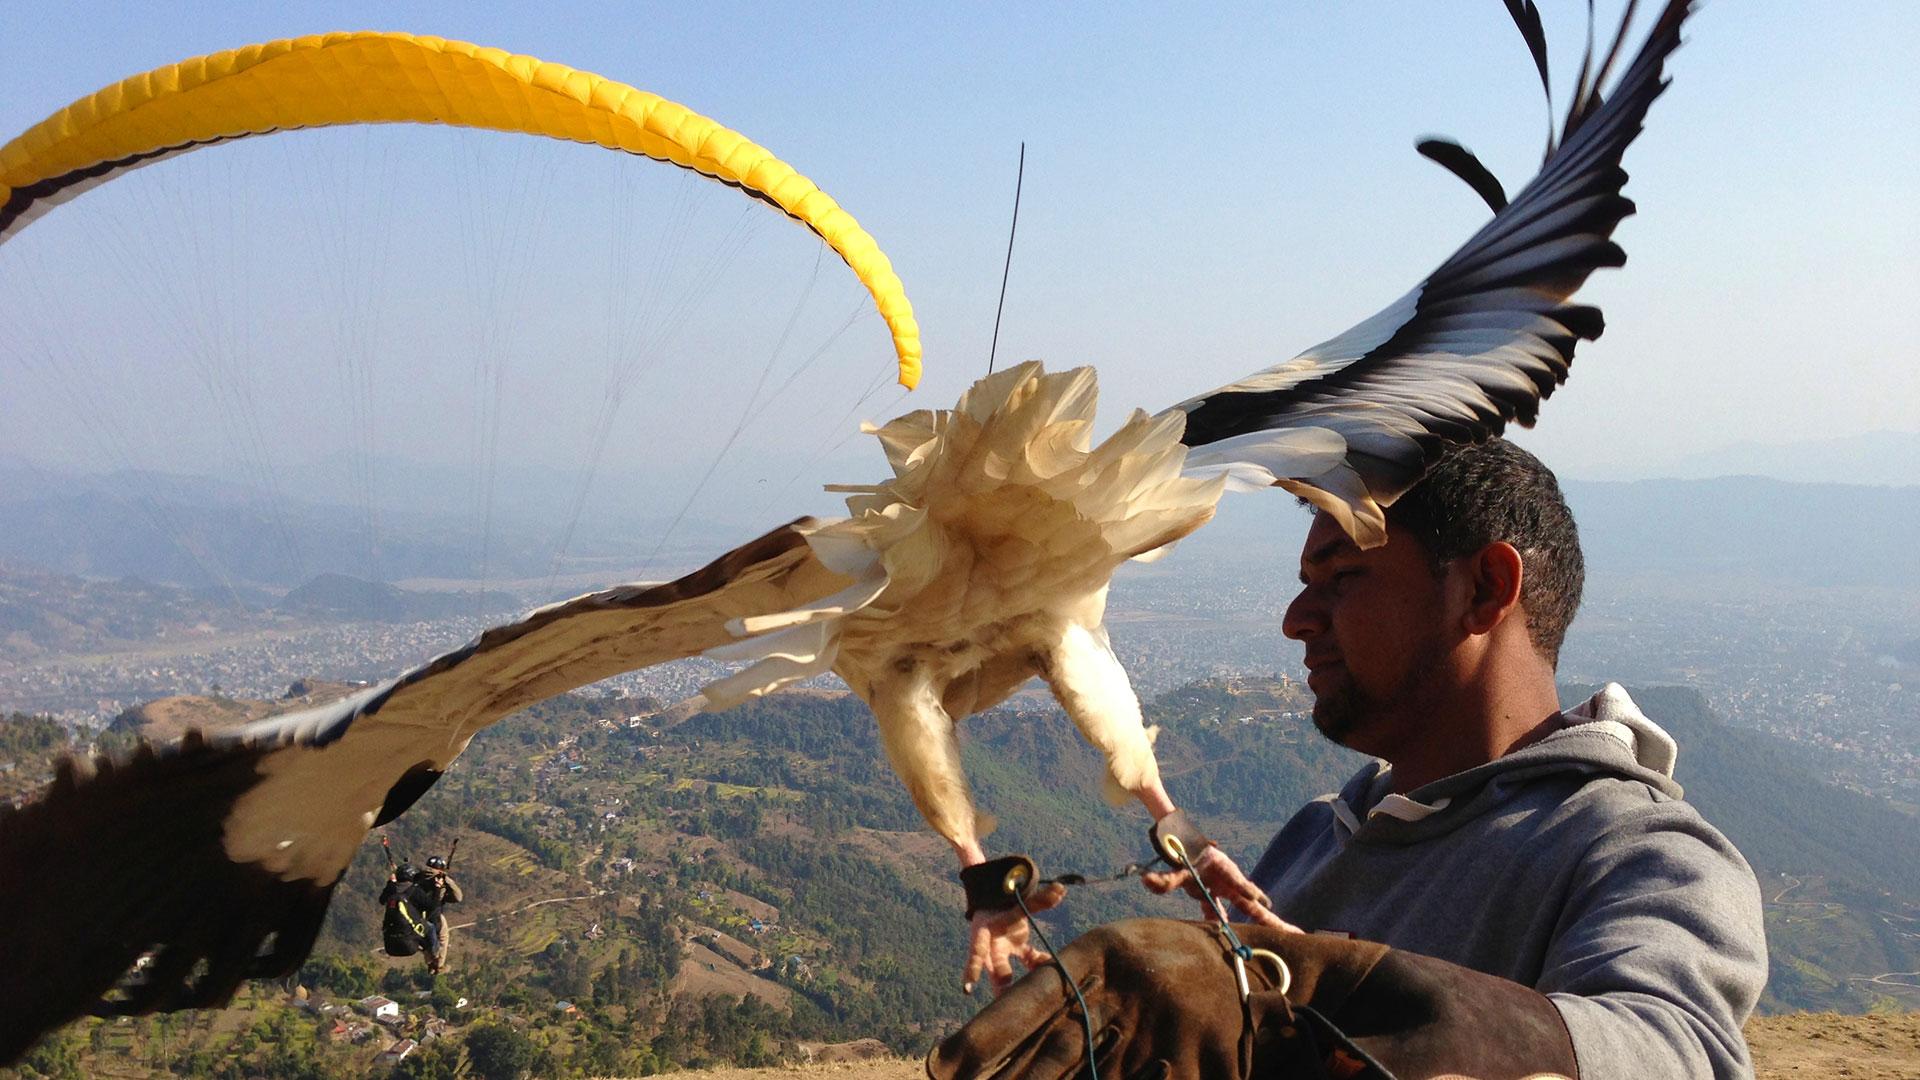 Vulture landing on its handler